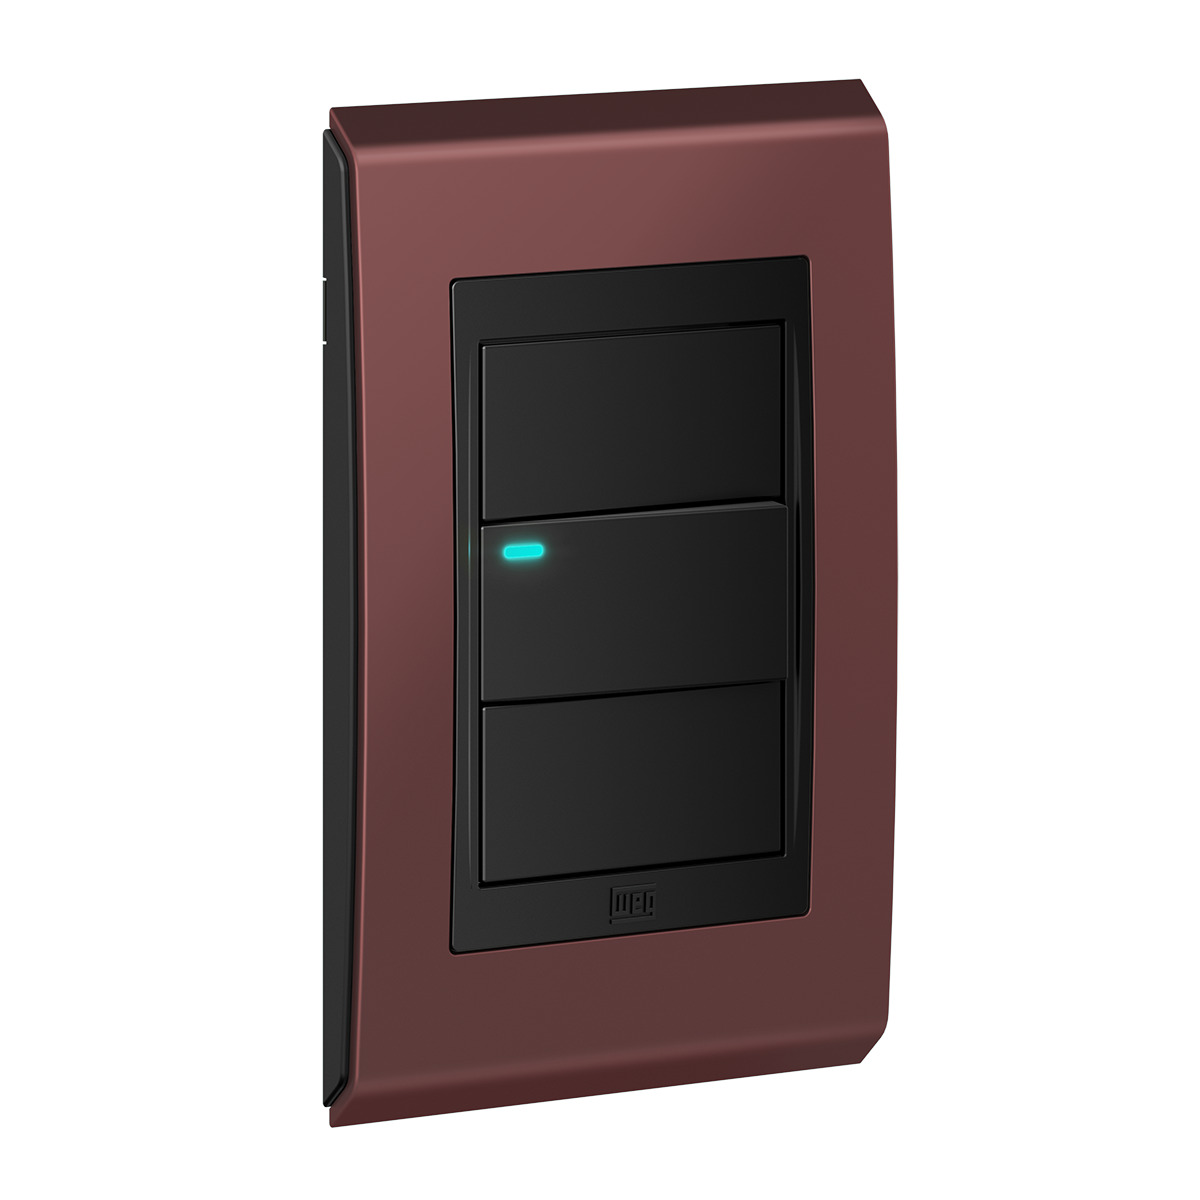 Conjunto 1 Interruptor LED - Refinatto Concept - Vinho / Preto